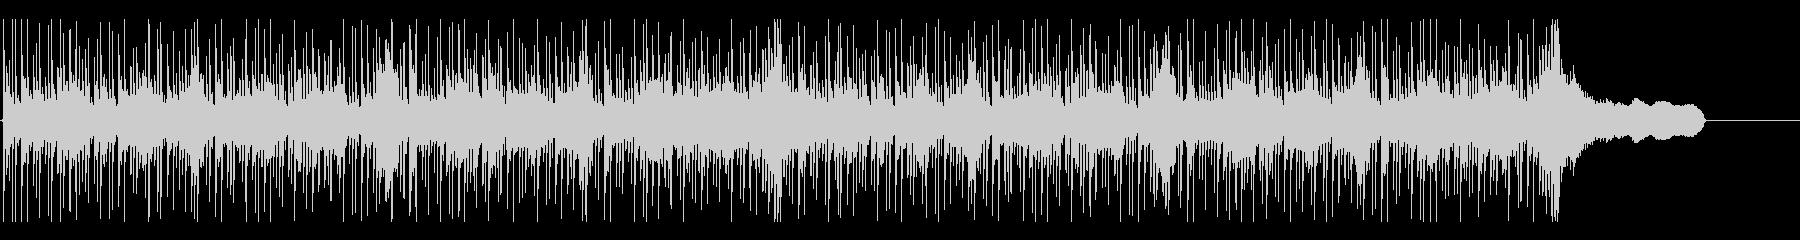 ショートBGM:シリアス・クールの未再生の波形